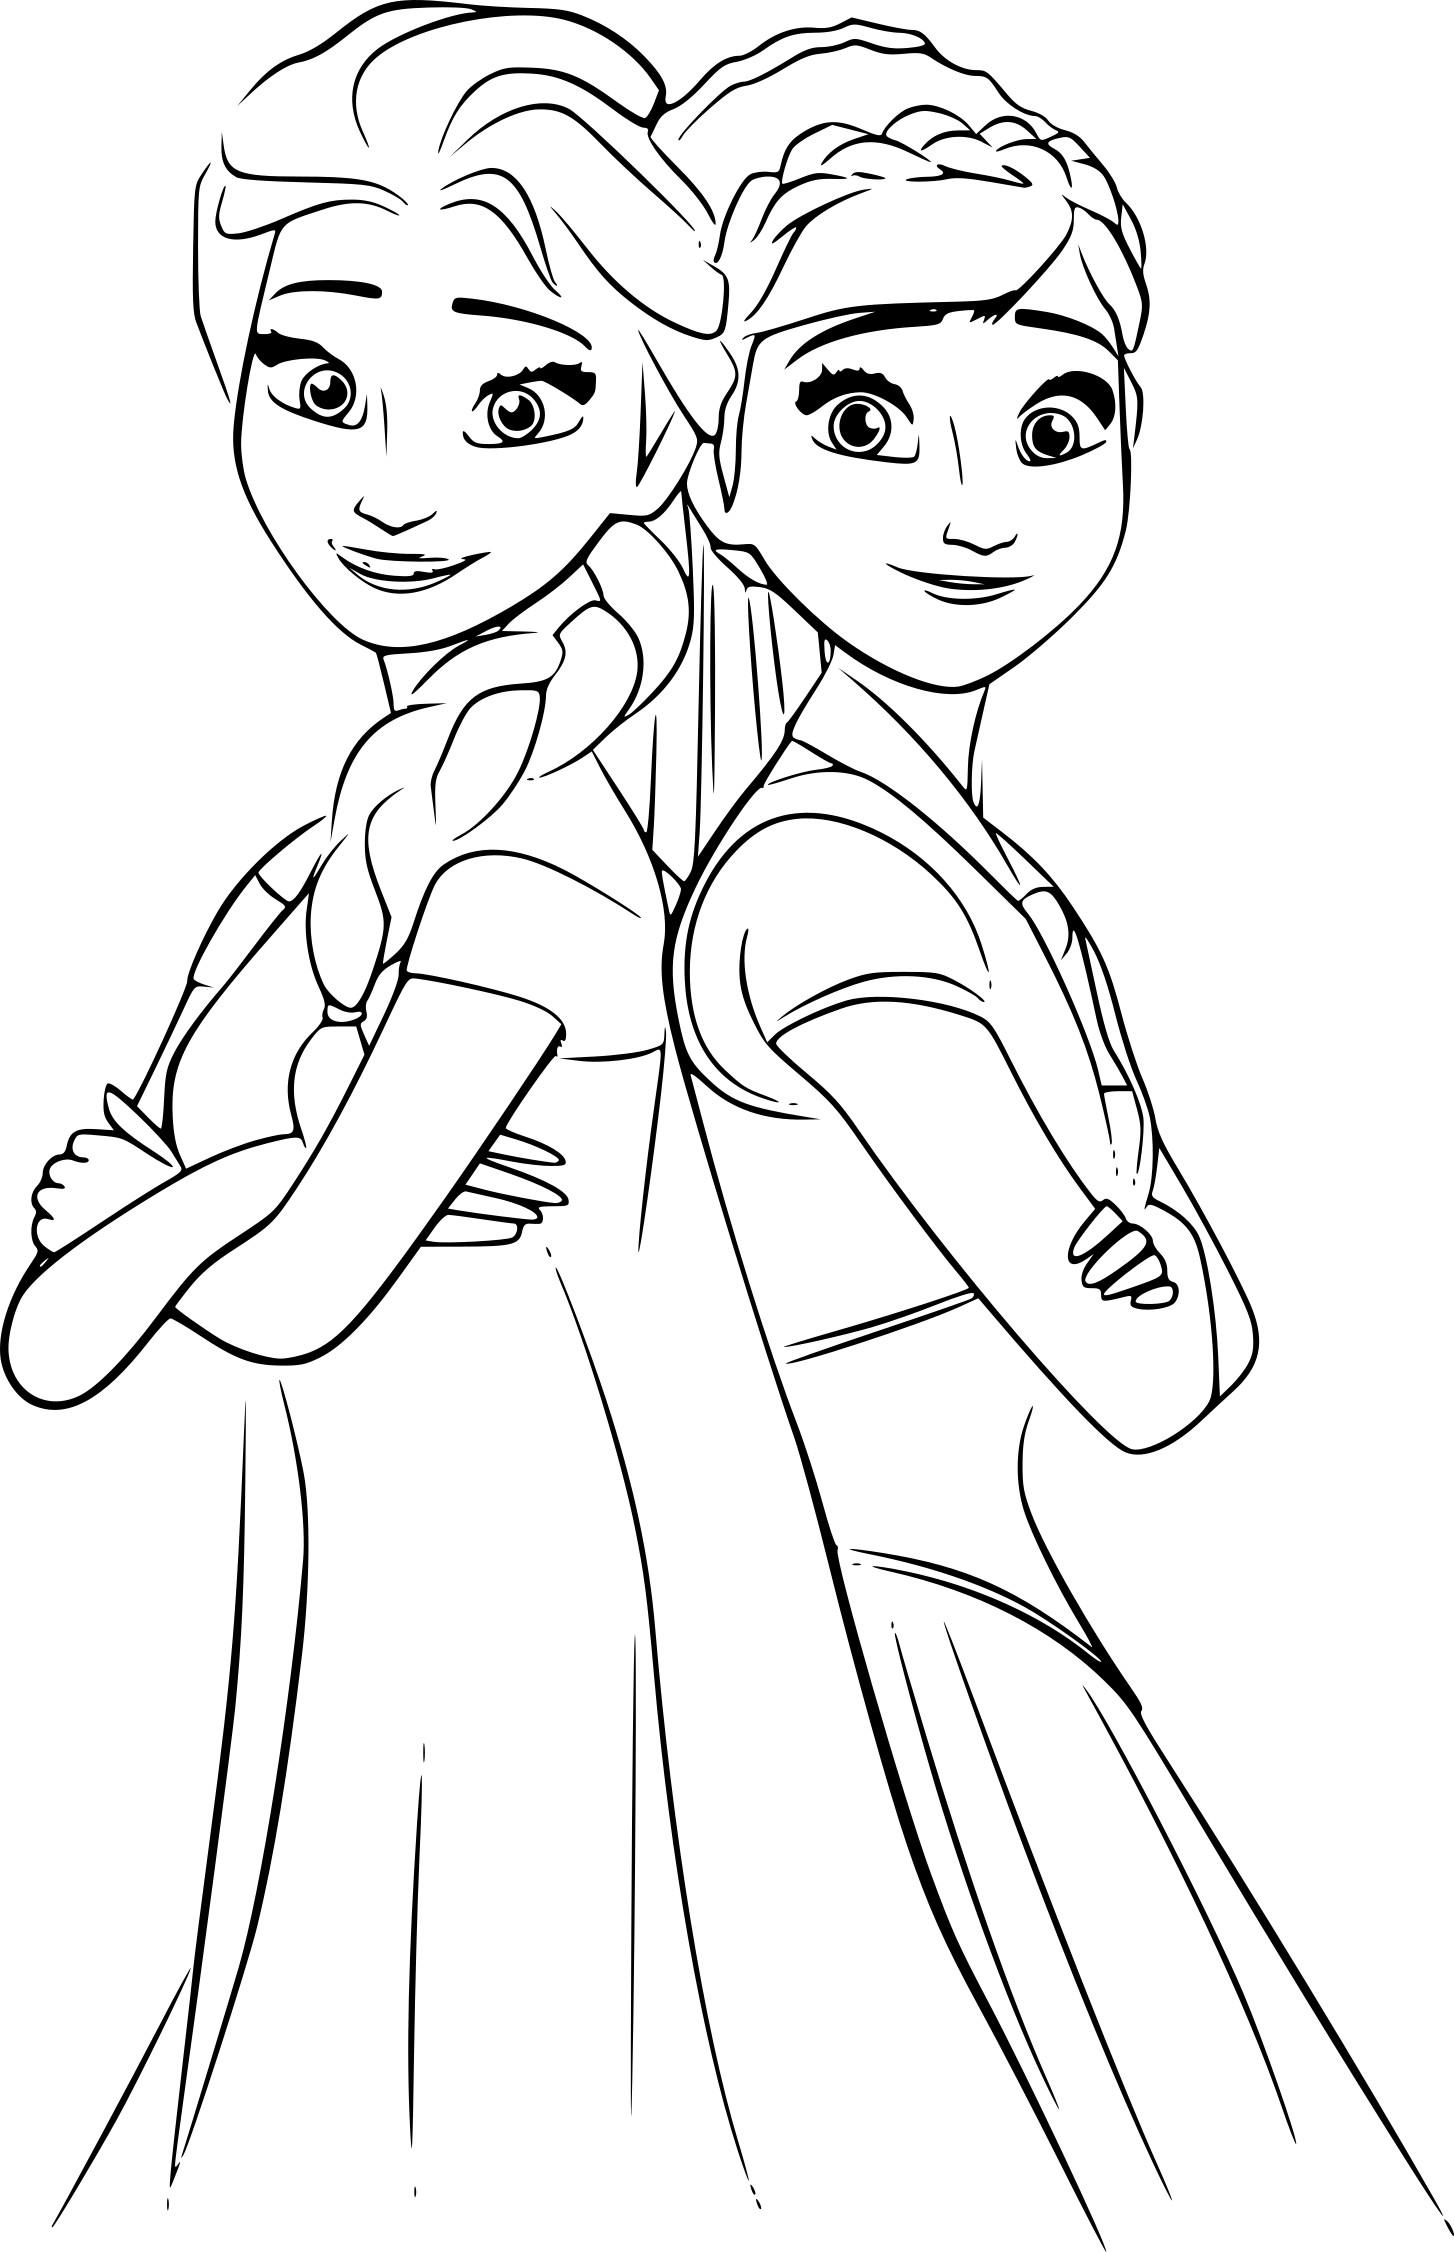 Coloriage Anna et Elsa à imprimer